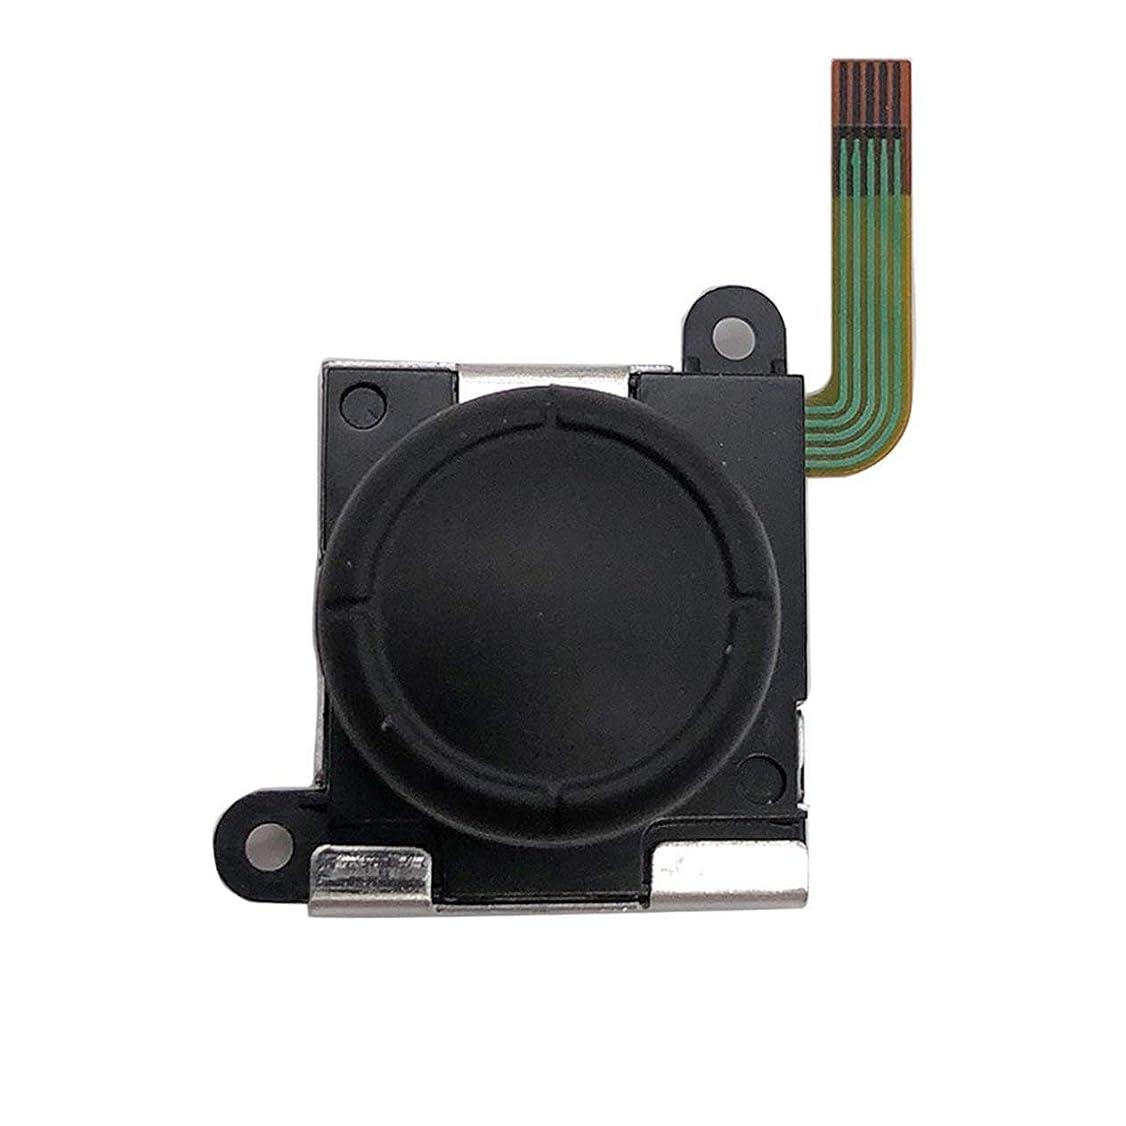 ゴールド幻影小麦プロフェッショナルアナログスティック3Dボタンジョイスティック修理部品Nintend Switch Joy-Conコントローラー用アナログジョイスティックボタン